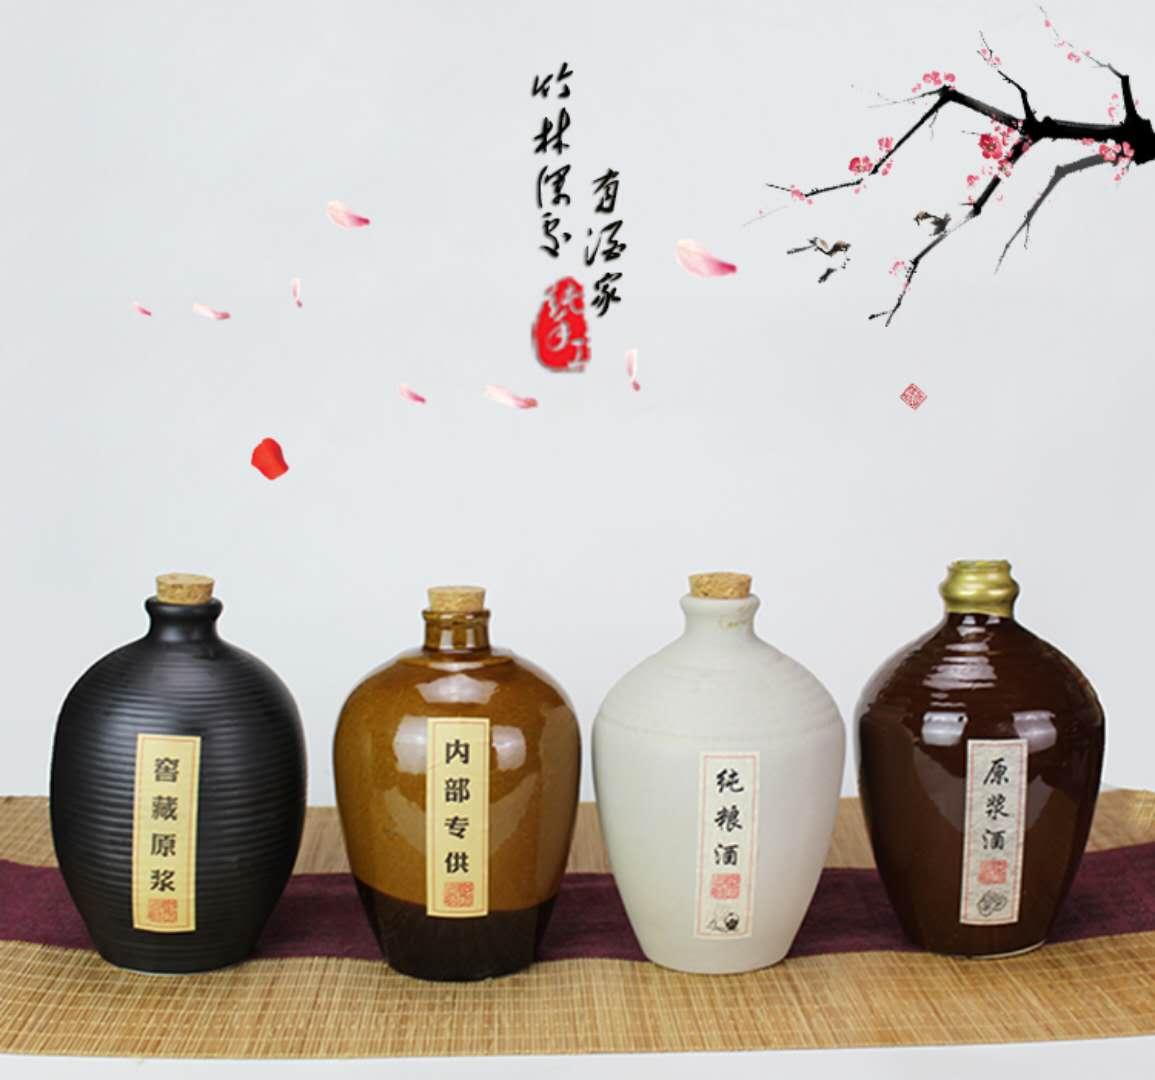 唐山一斤陶瓷酒瓶 有品质的土陶酒坛供应商